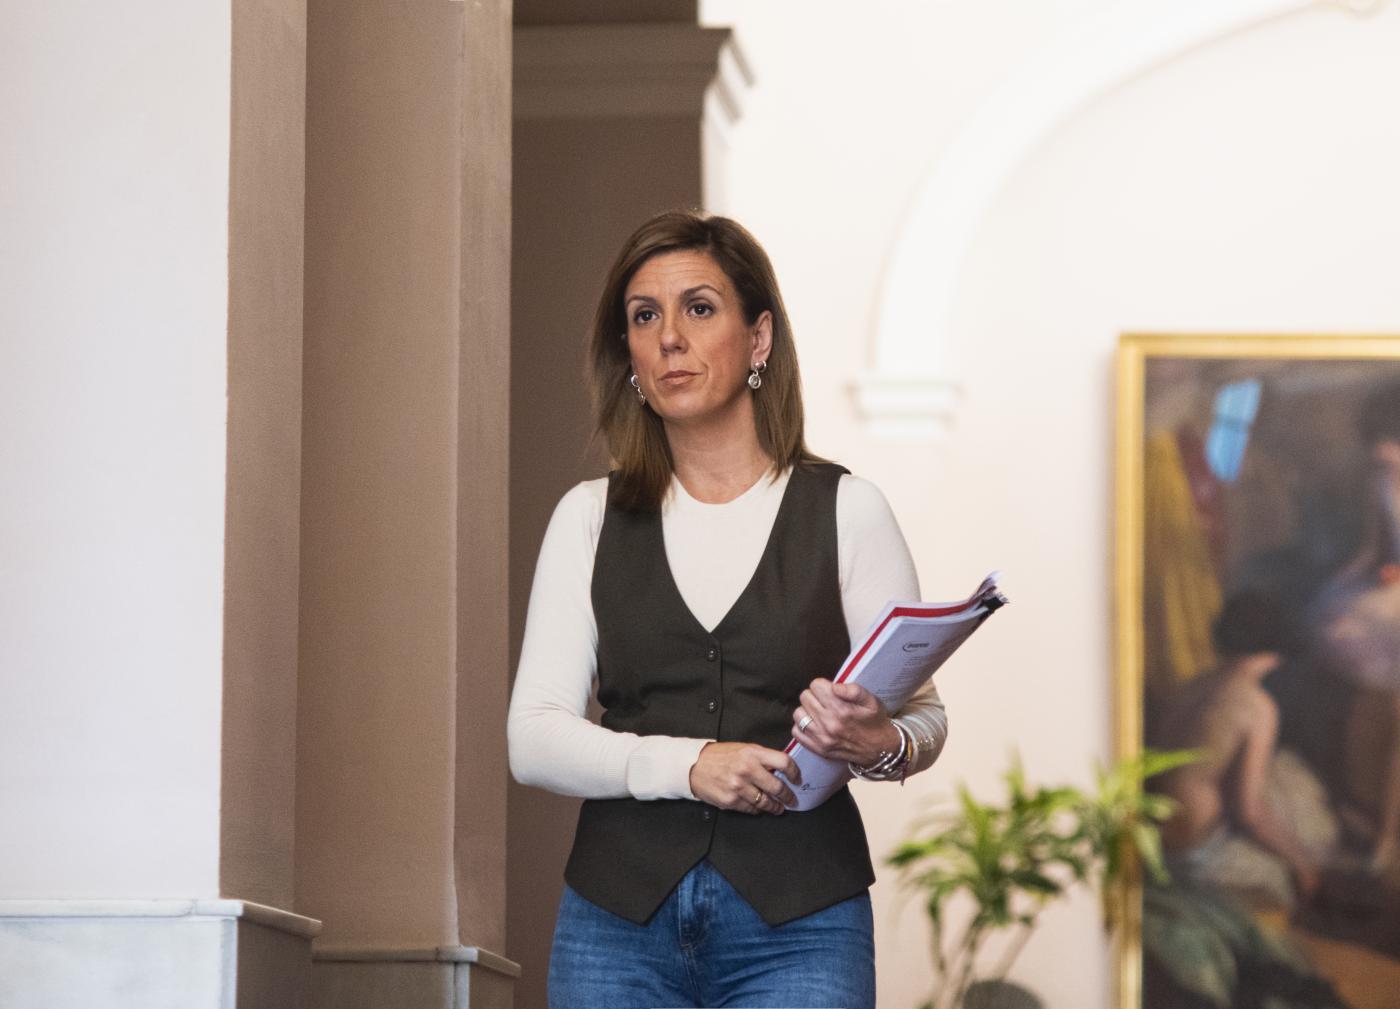 PSOE propone una ordenanza municipal para regular el acceso a las prestaciones sociales